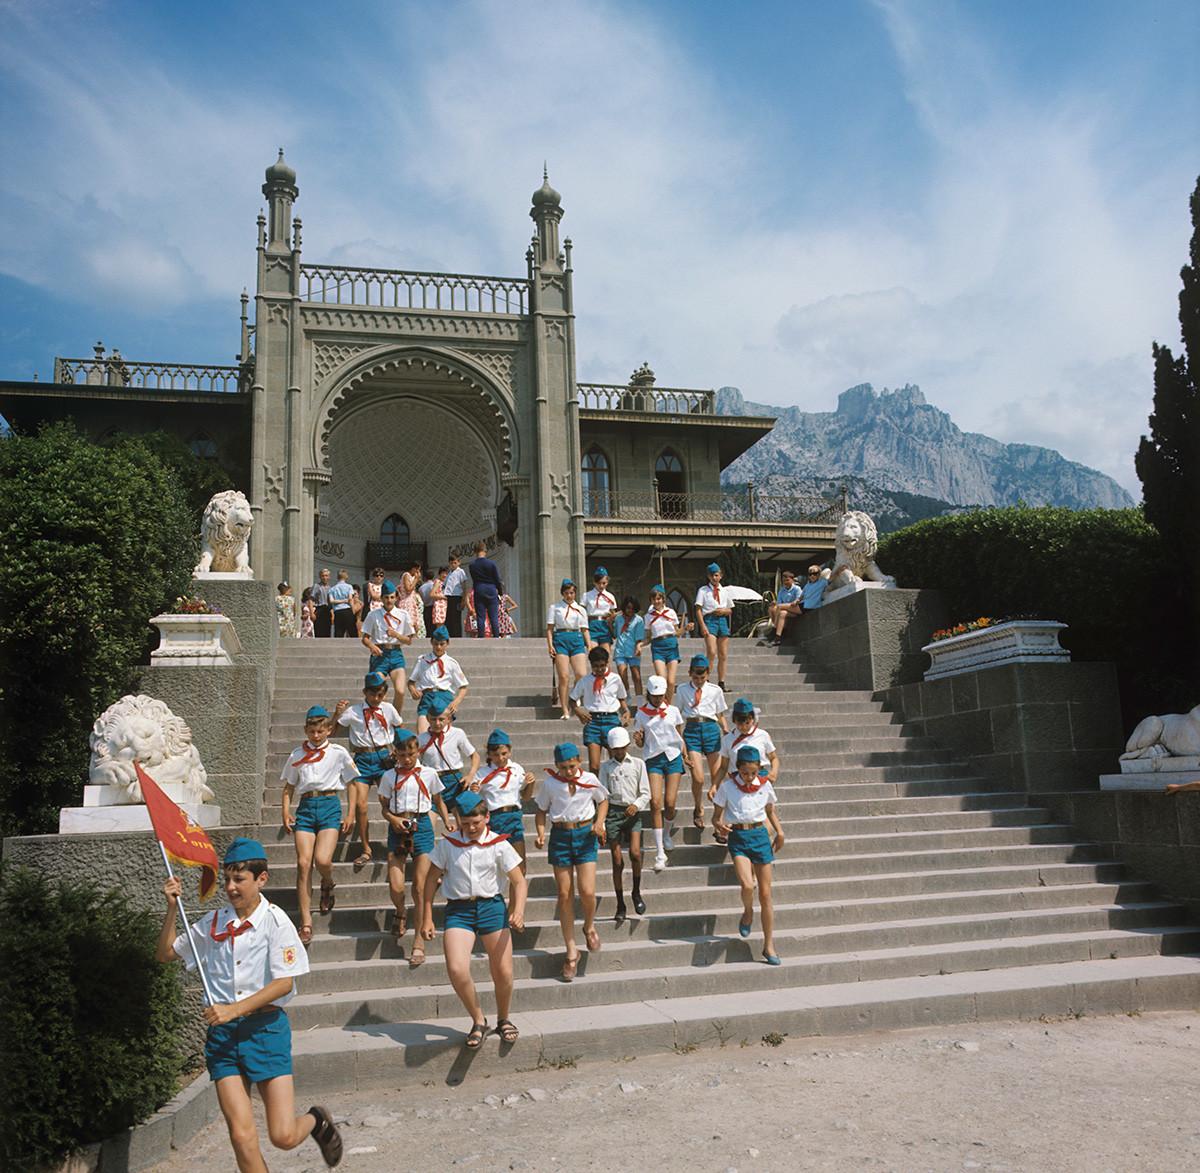 Пионири чувеног кампа Артек у посети Воронцовском дворцу, Крим, 1970.